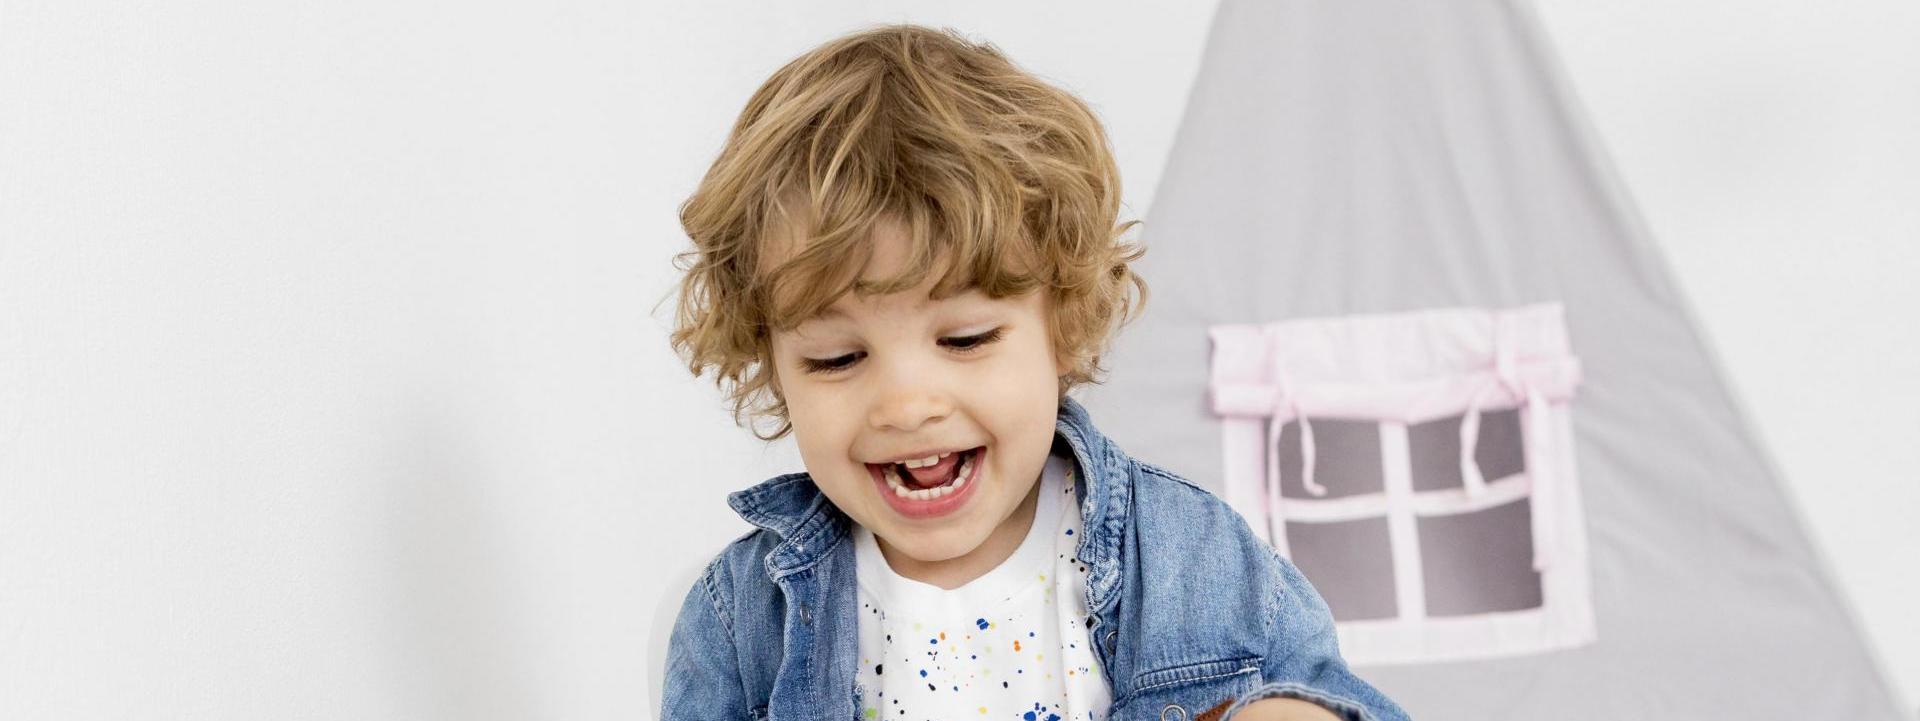 ¿Cómo debemos cuidar la sonrisa de nuestros pequeños?